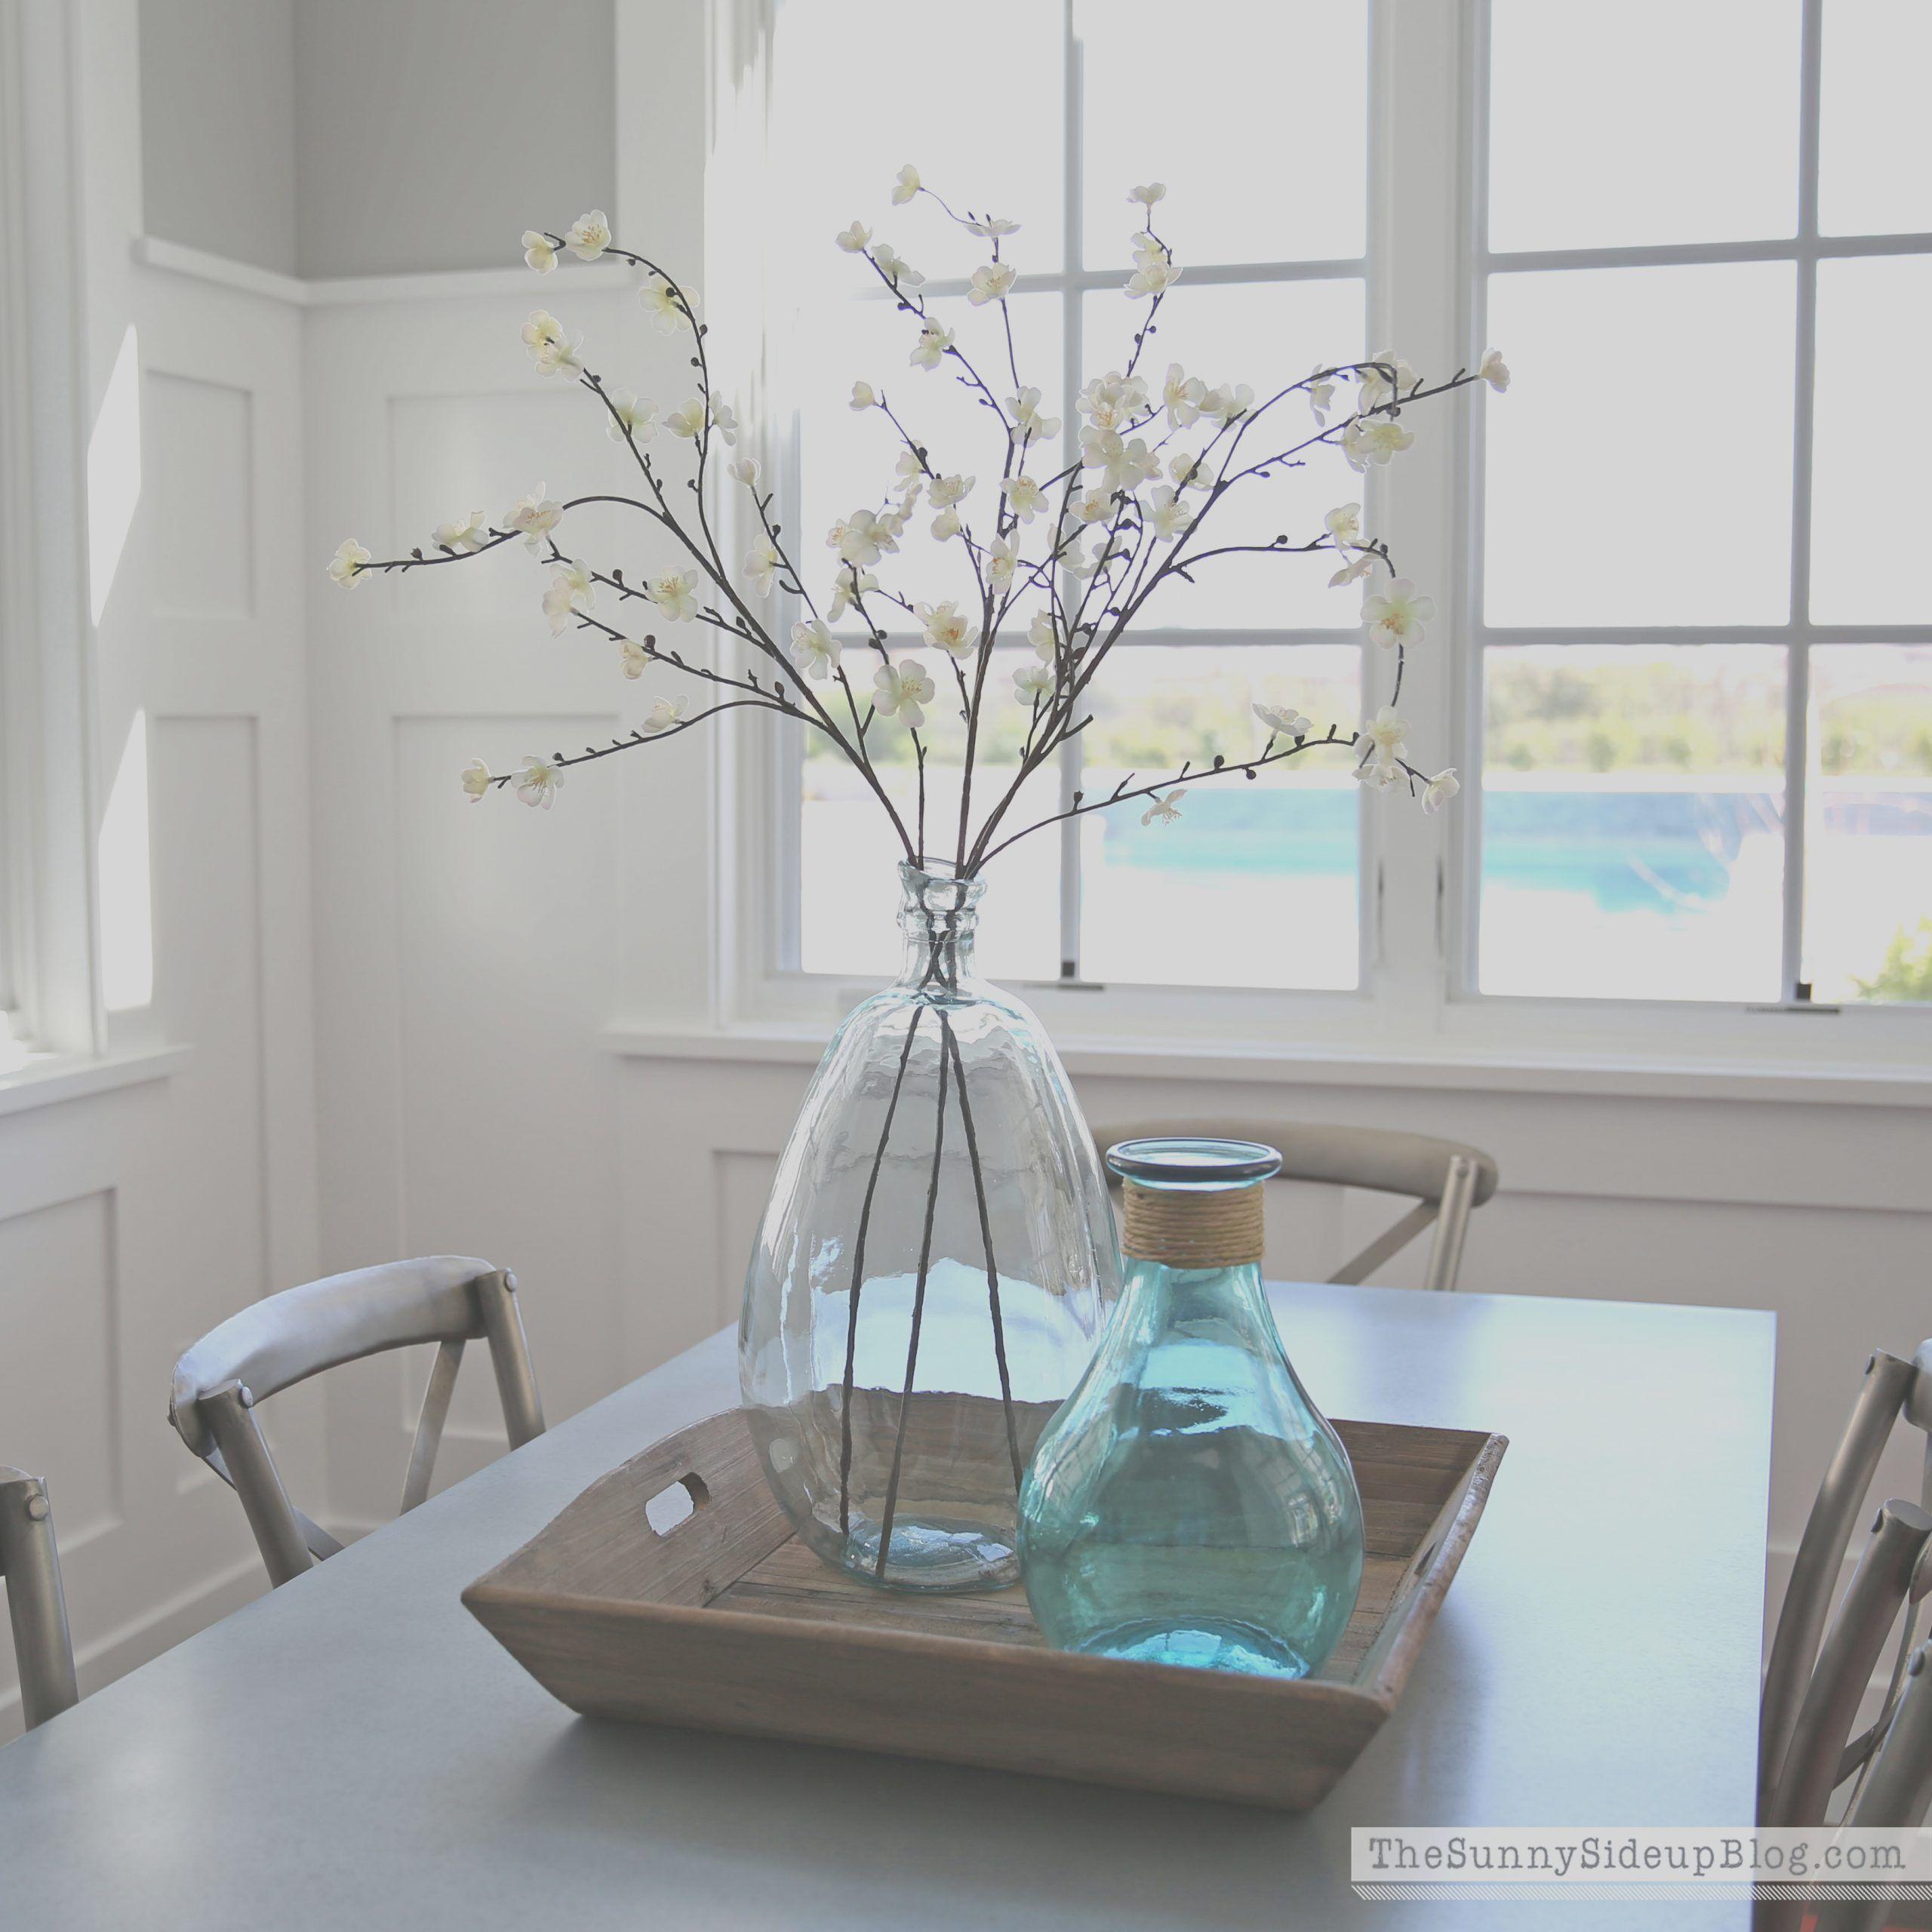 13 Favorite Kitchen Centerpieces Images Table Centerpieces For Home Dining Room Centerpiece Dining Room Table Centerpieces